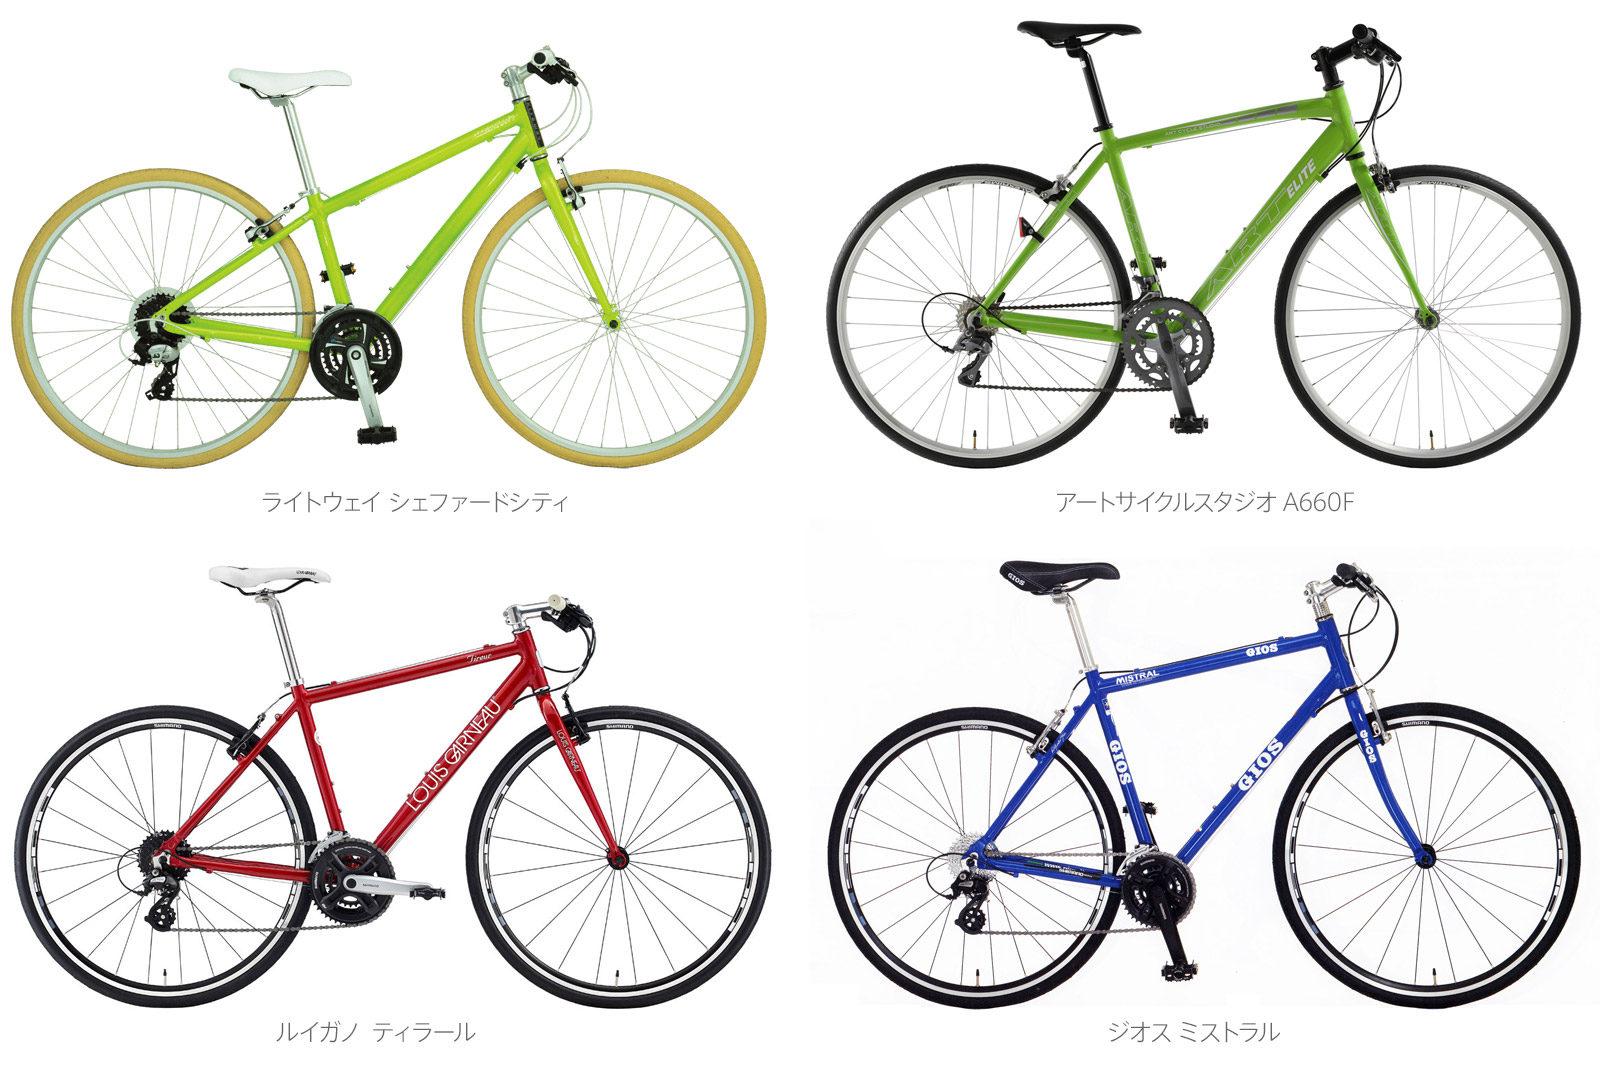 5万円前後のクロスバイク